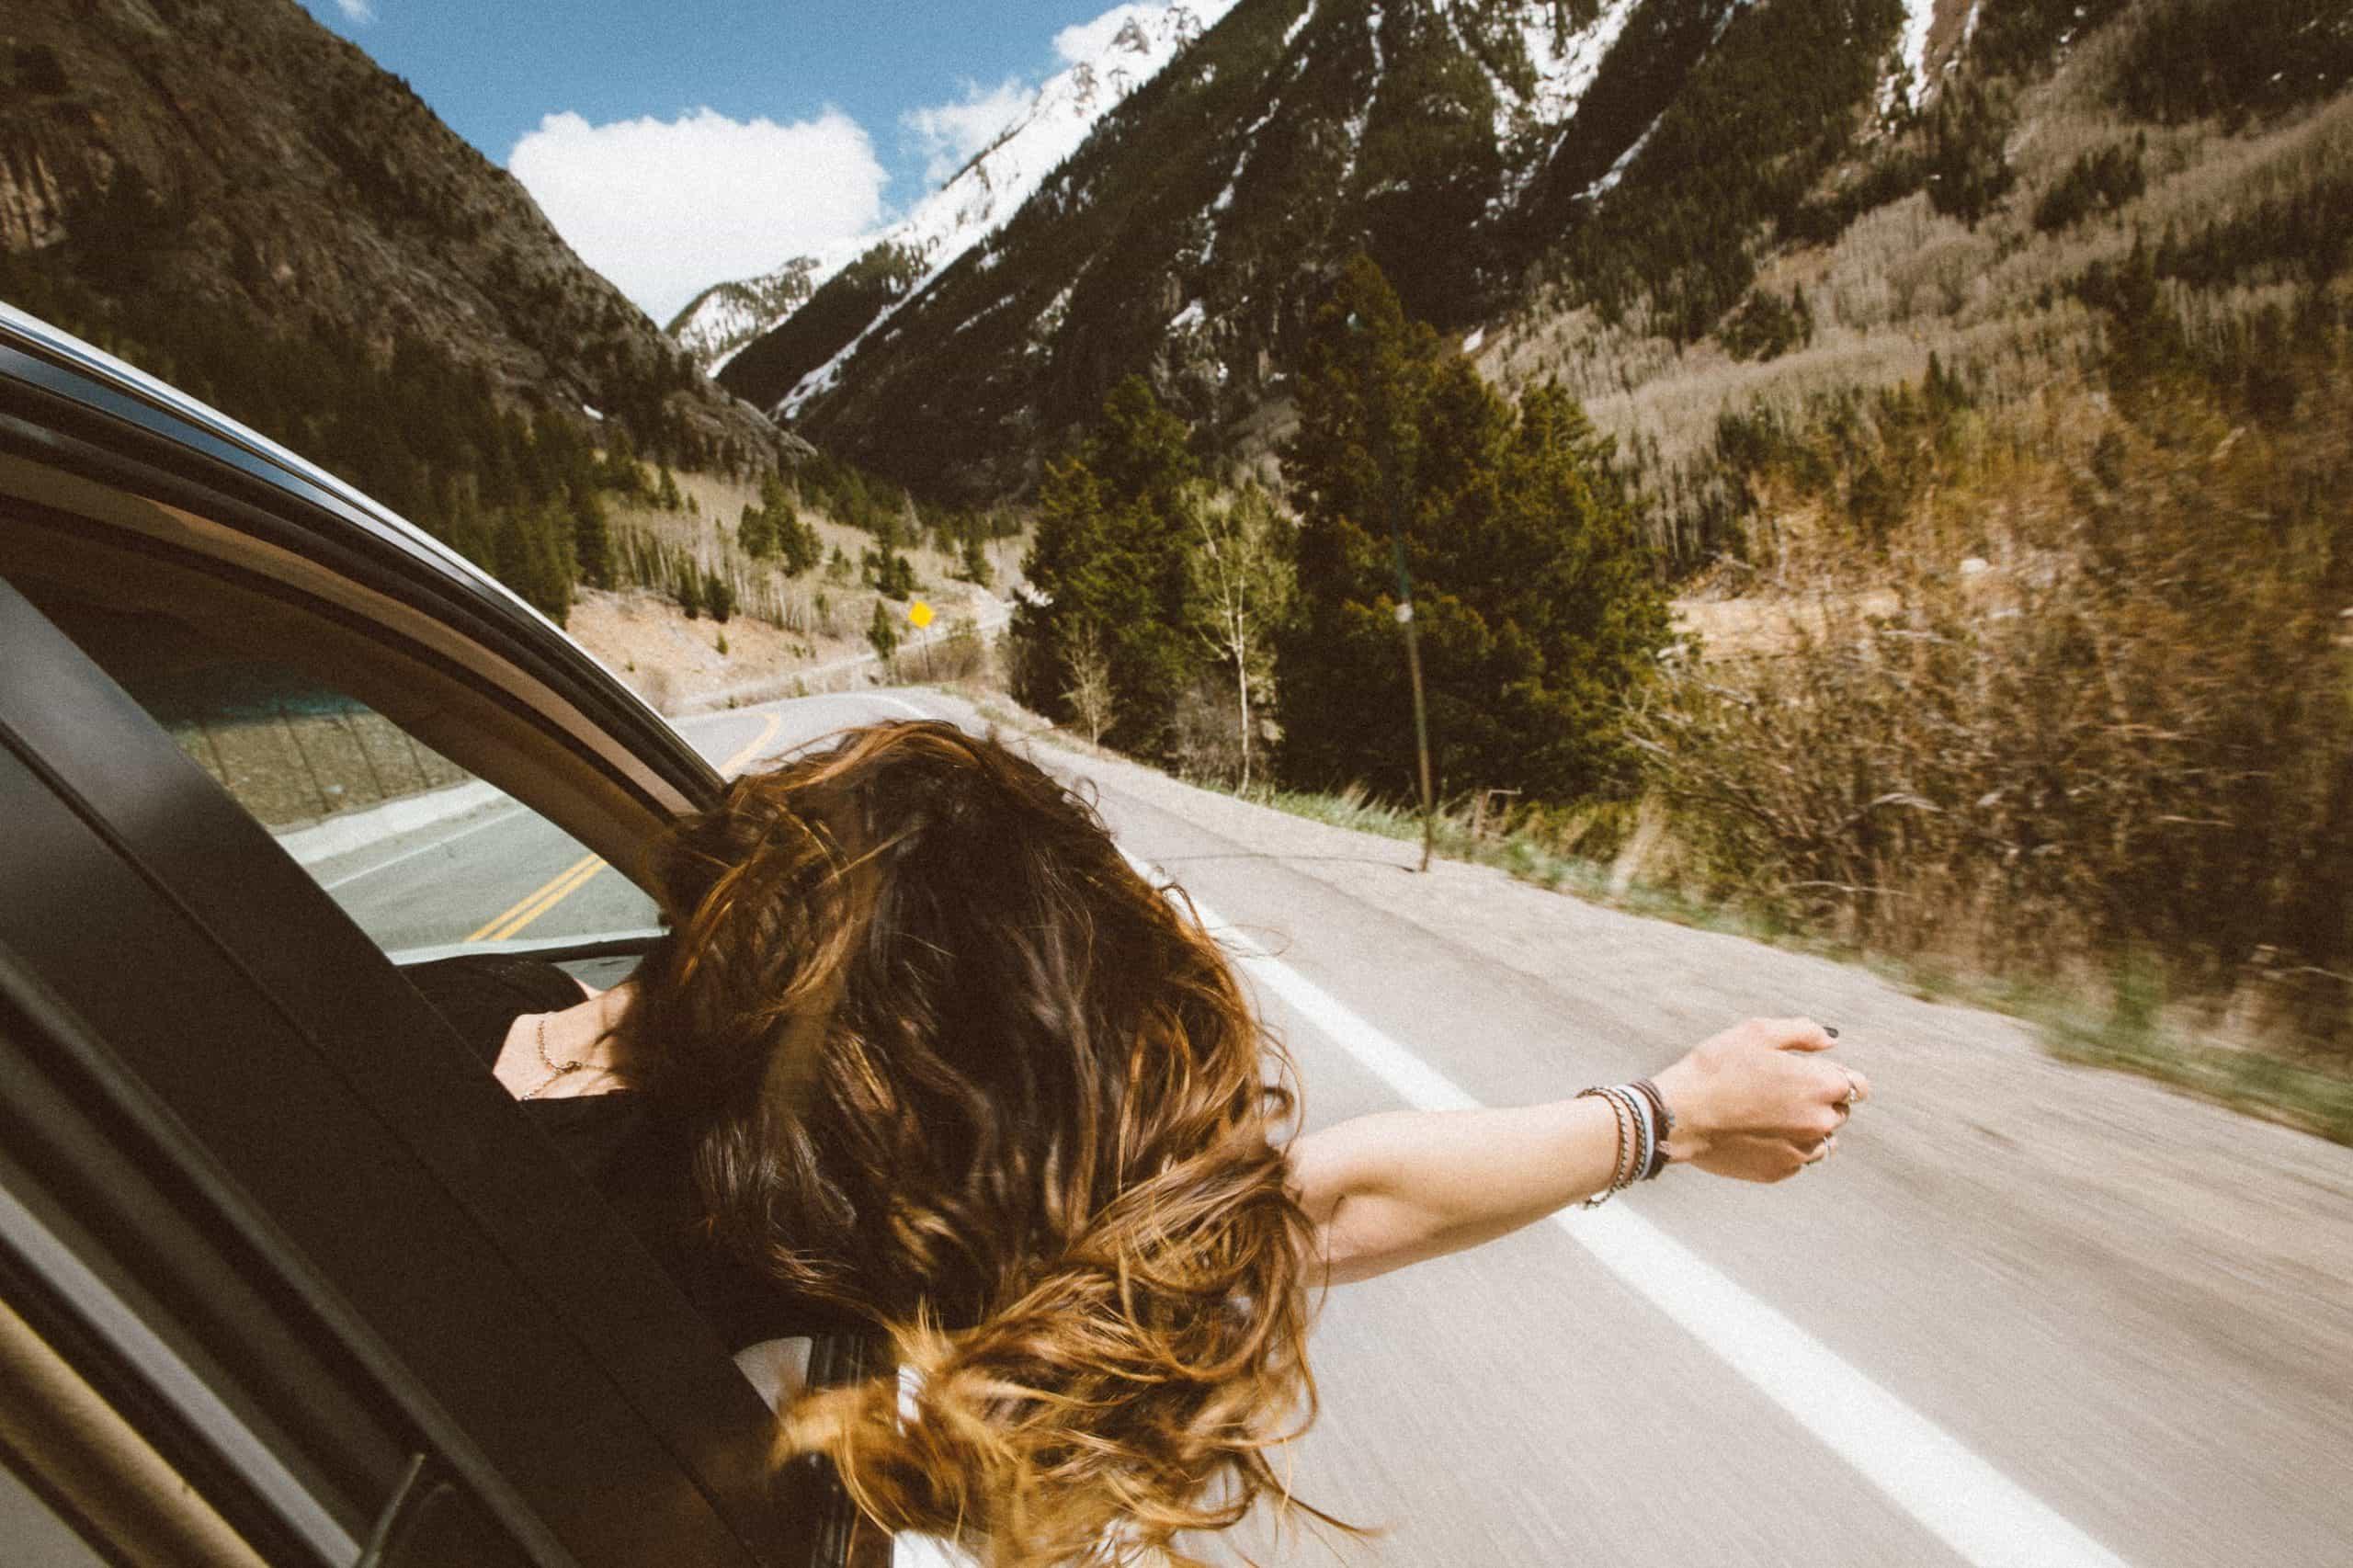 Vanlife vantrip freedom camper itinerancy outdoor road trip liberty aventure autonomie van campervan route roads